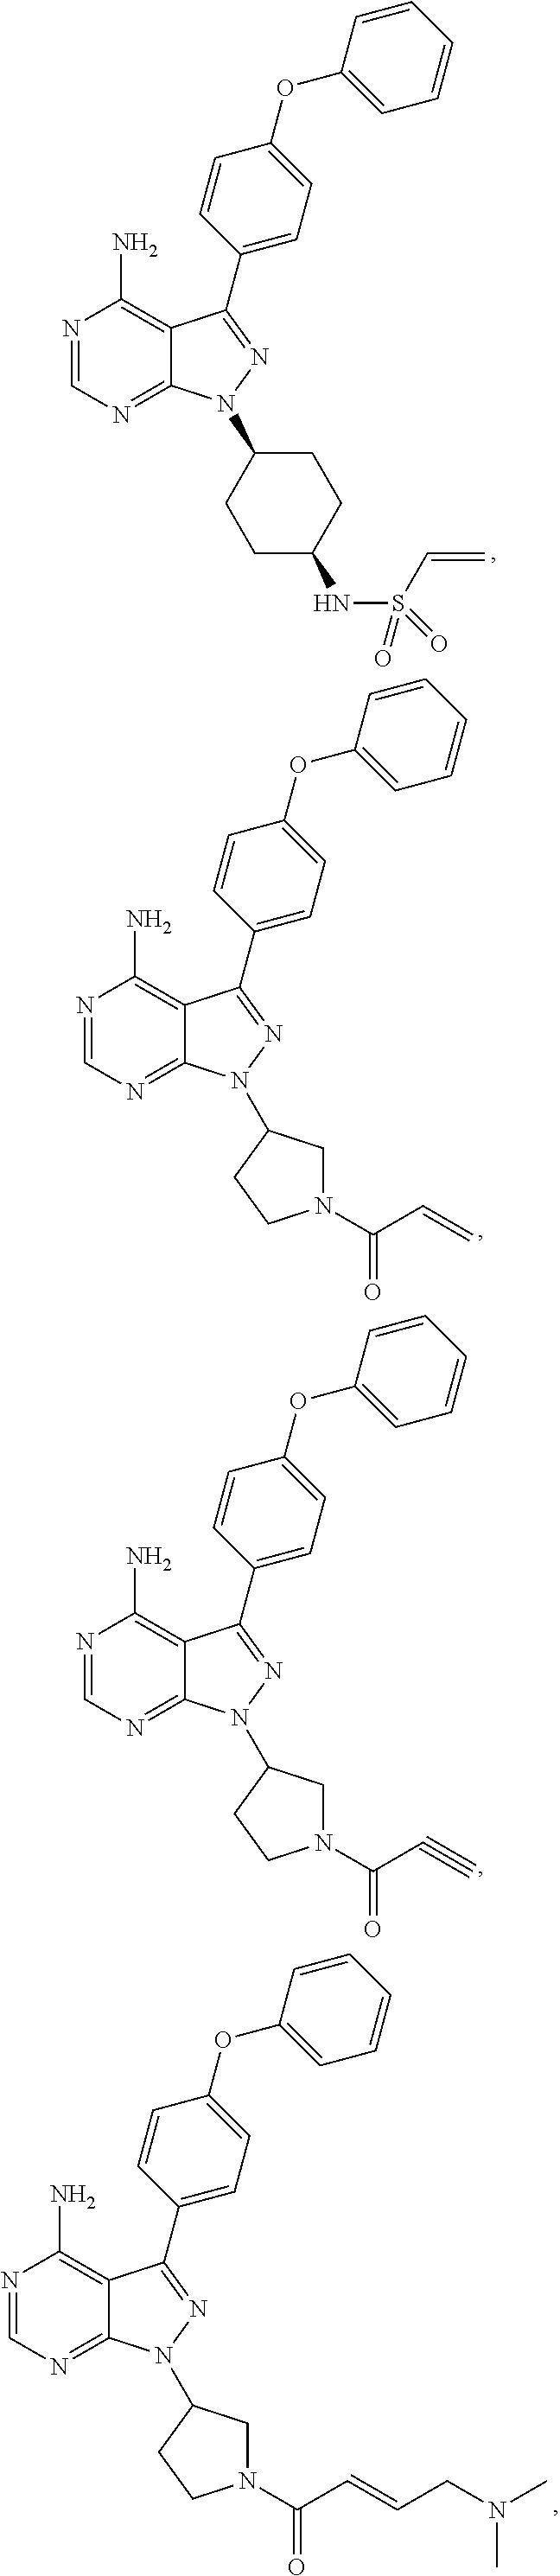 Figure US10004746-20180626-C00033